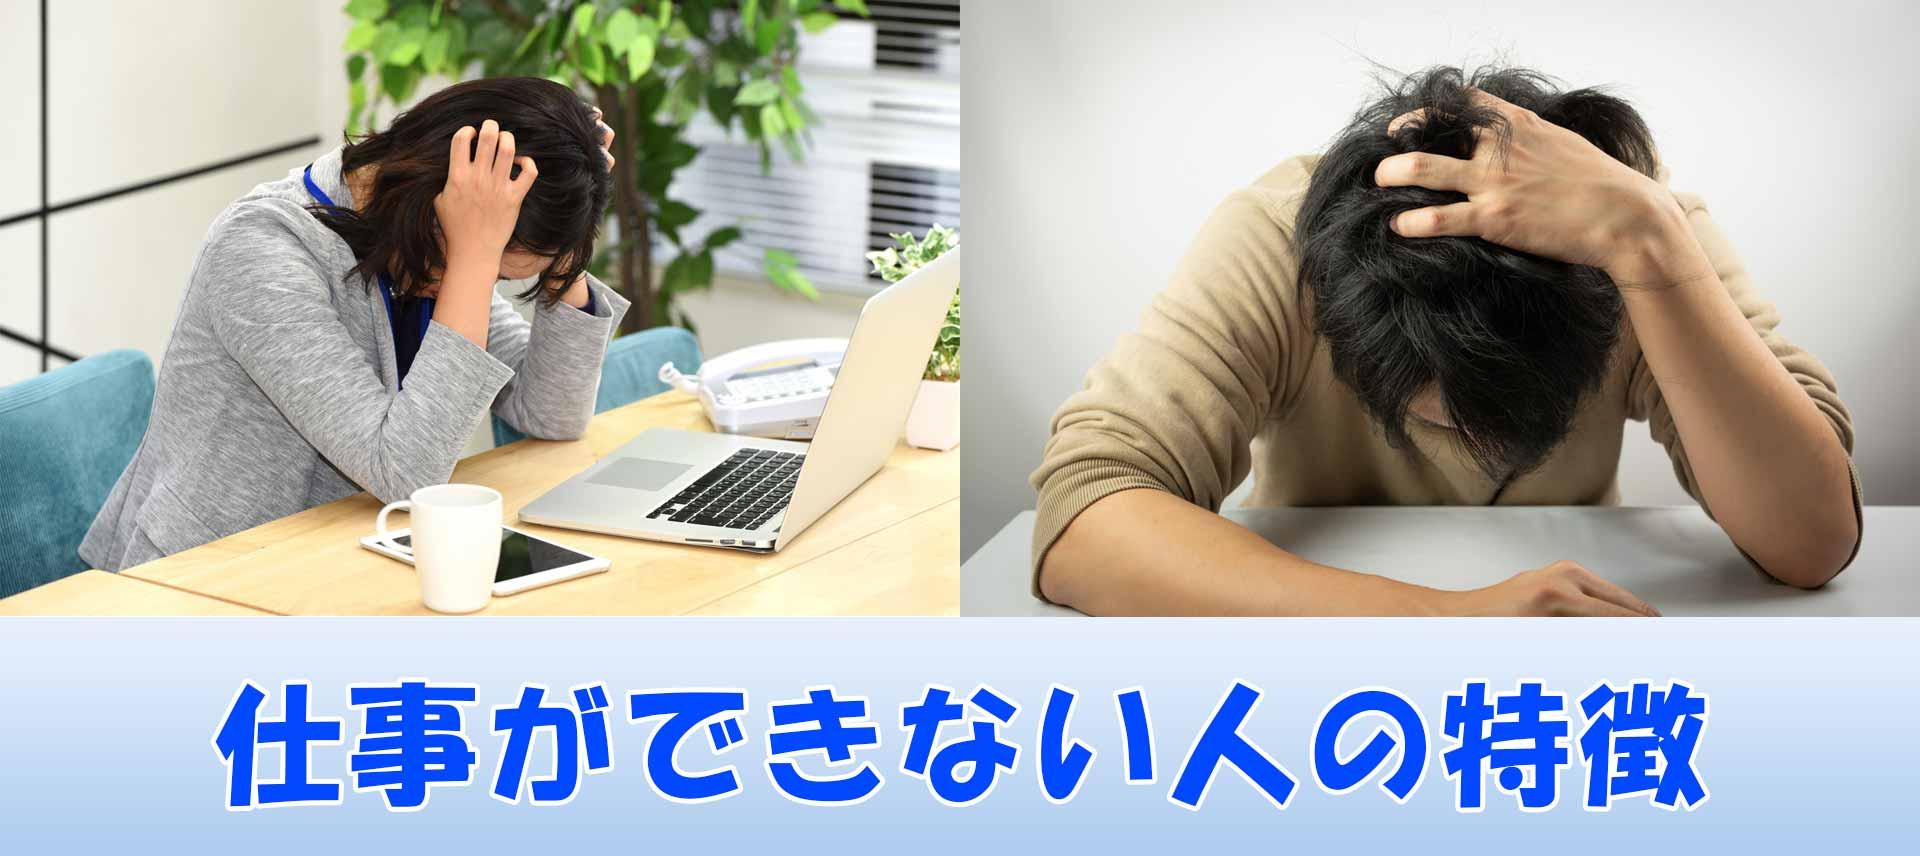 仕事ができない人の特徴と書かれたテキストと頭を抱える男女